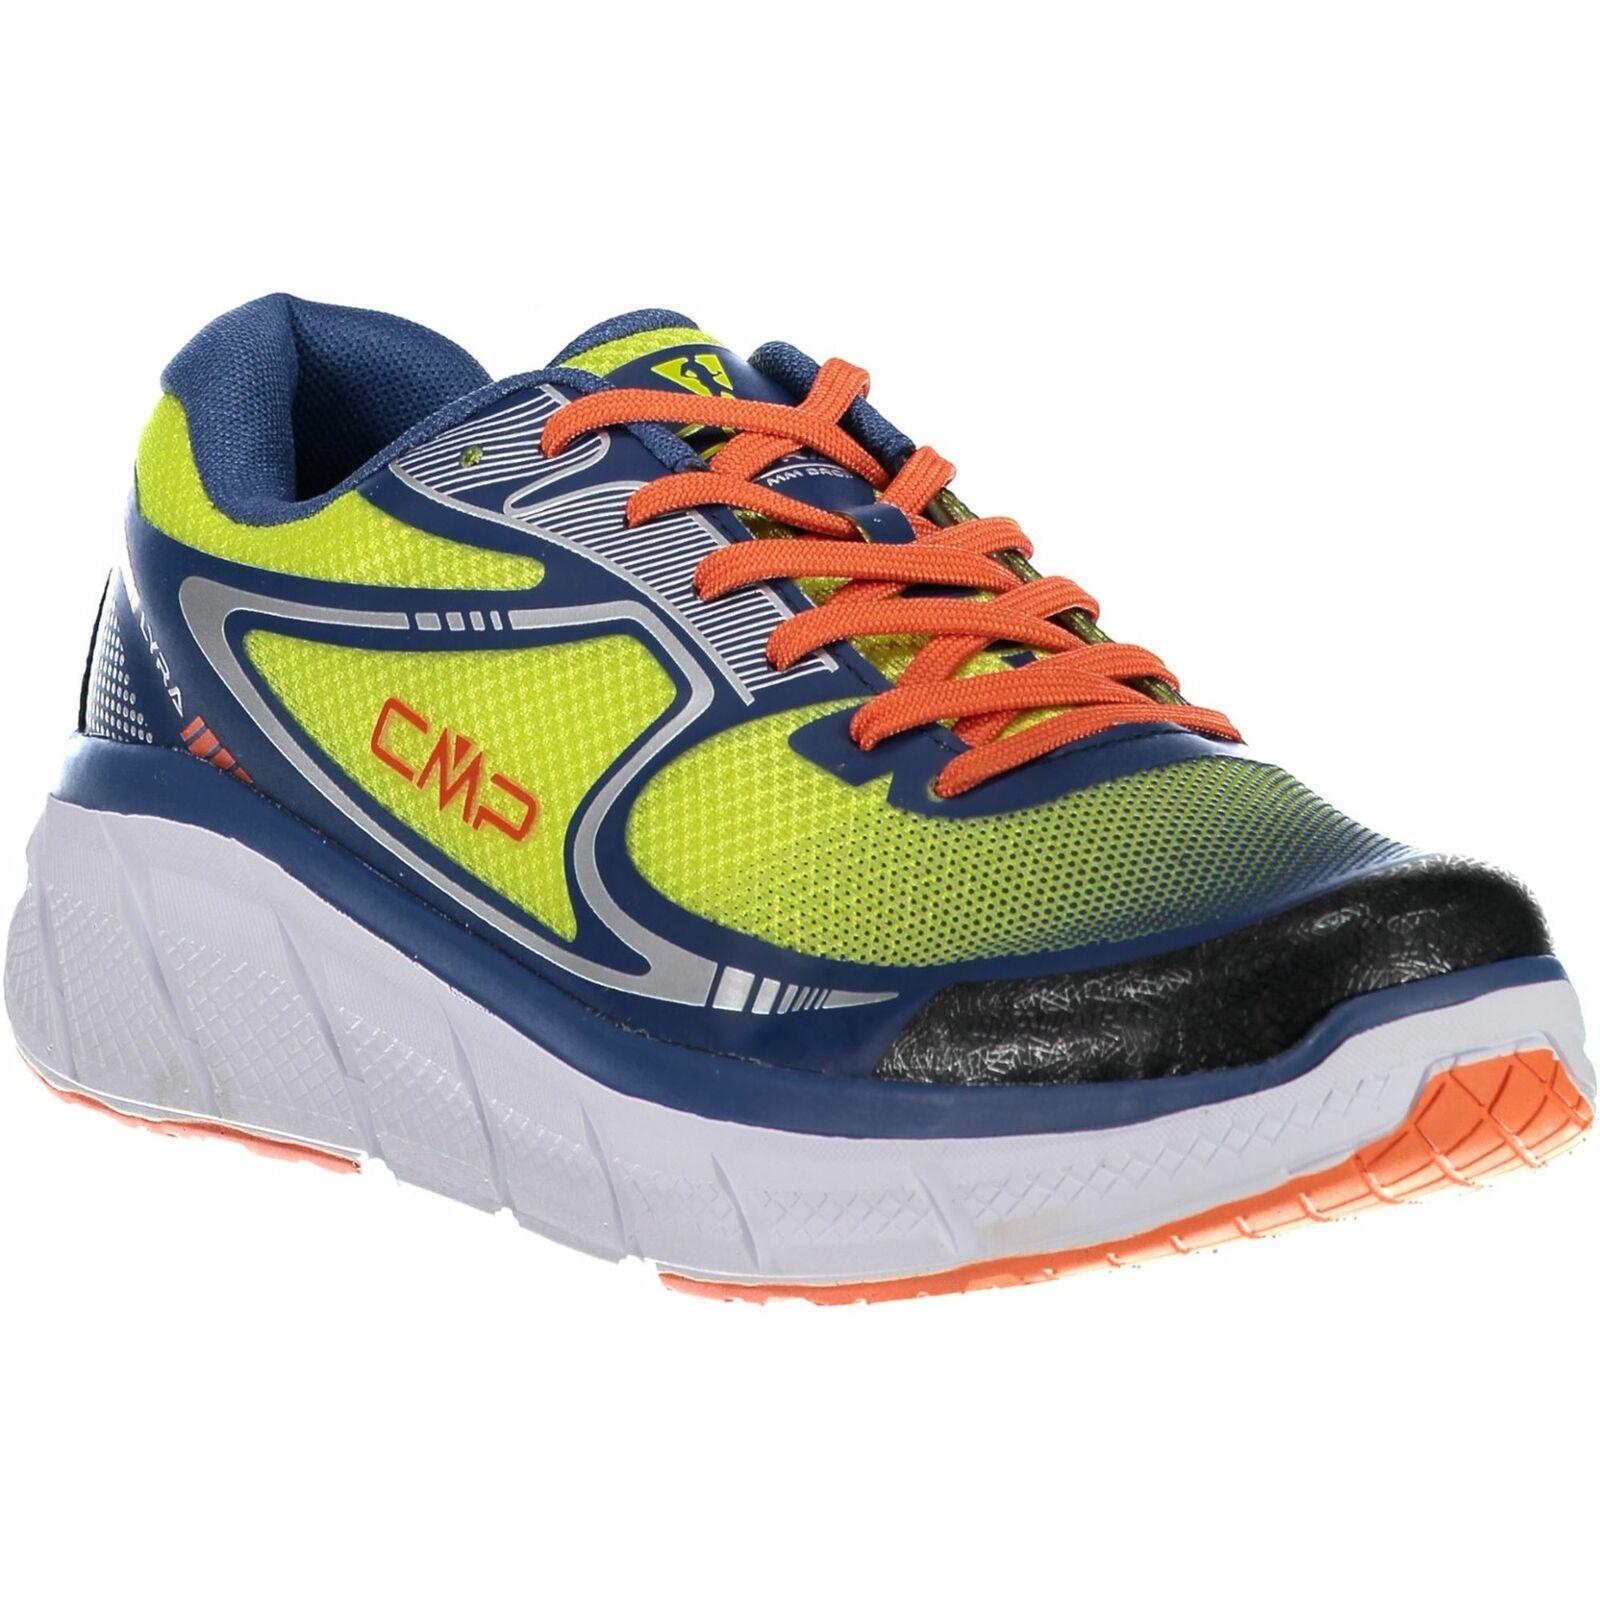 CMP zapatillas calzado deportivo Lyra maxi running zapatos verde claro monocromo Mesh